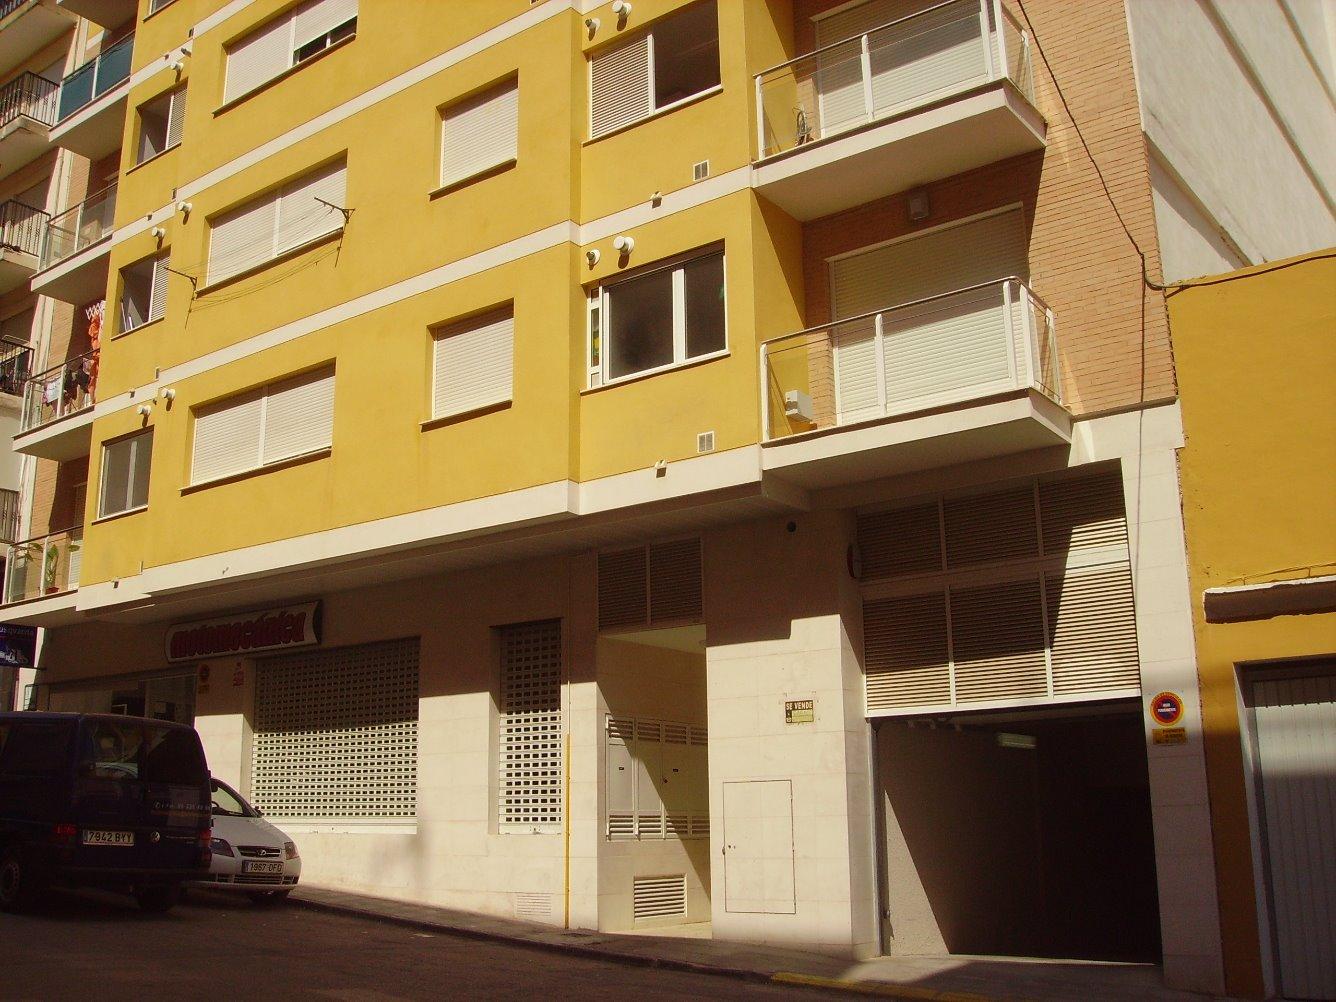 Aparcament cotxe  Calle cervantes, 2. Plaza de garaje con trastero.